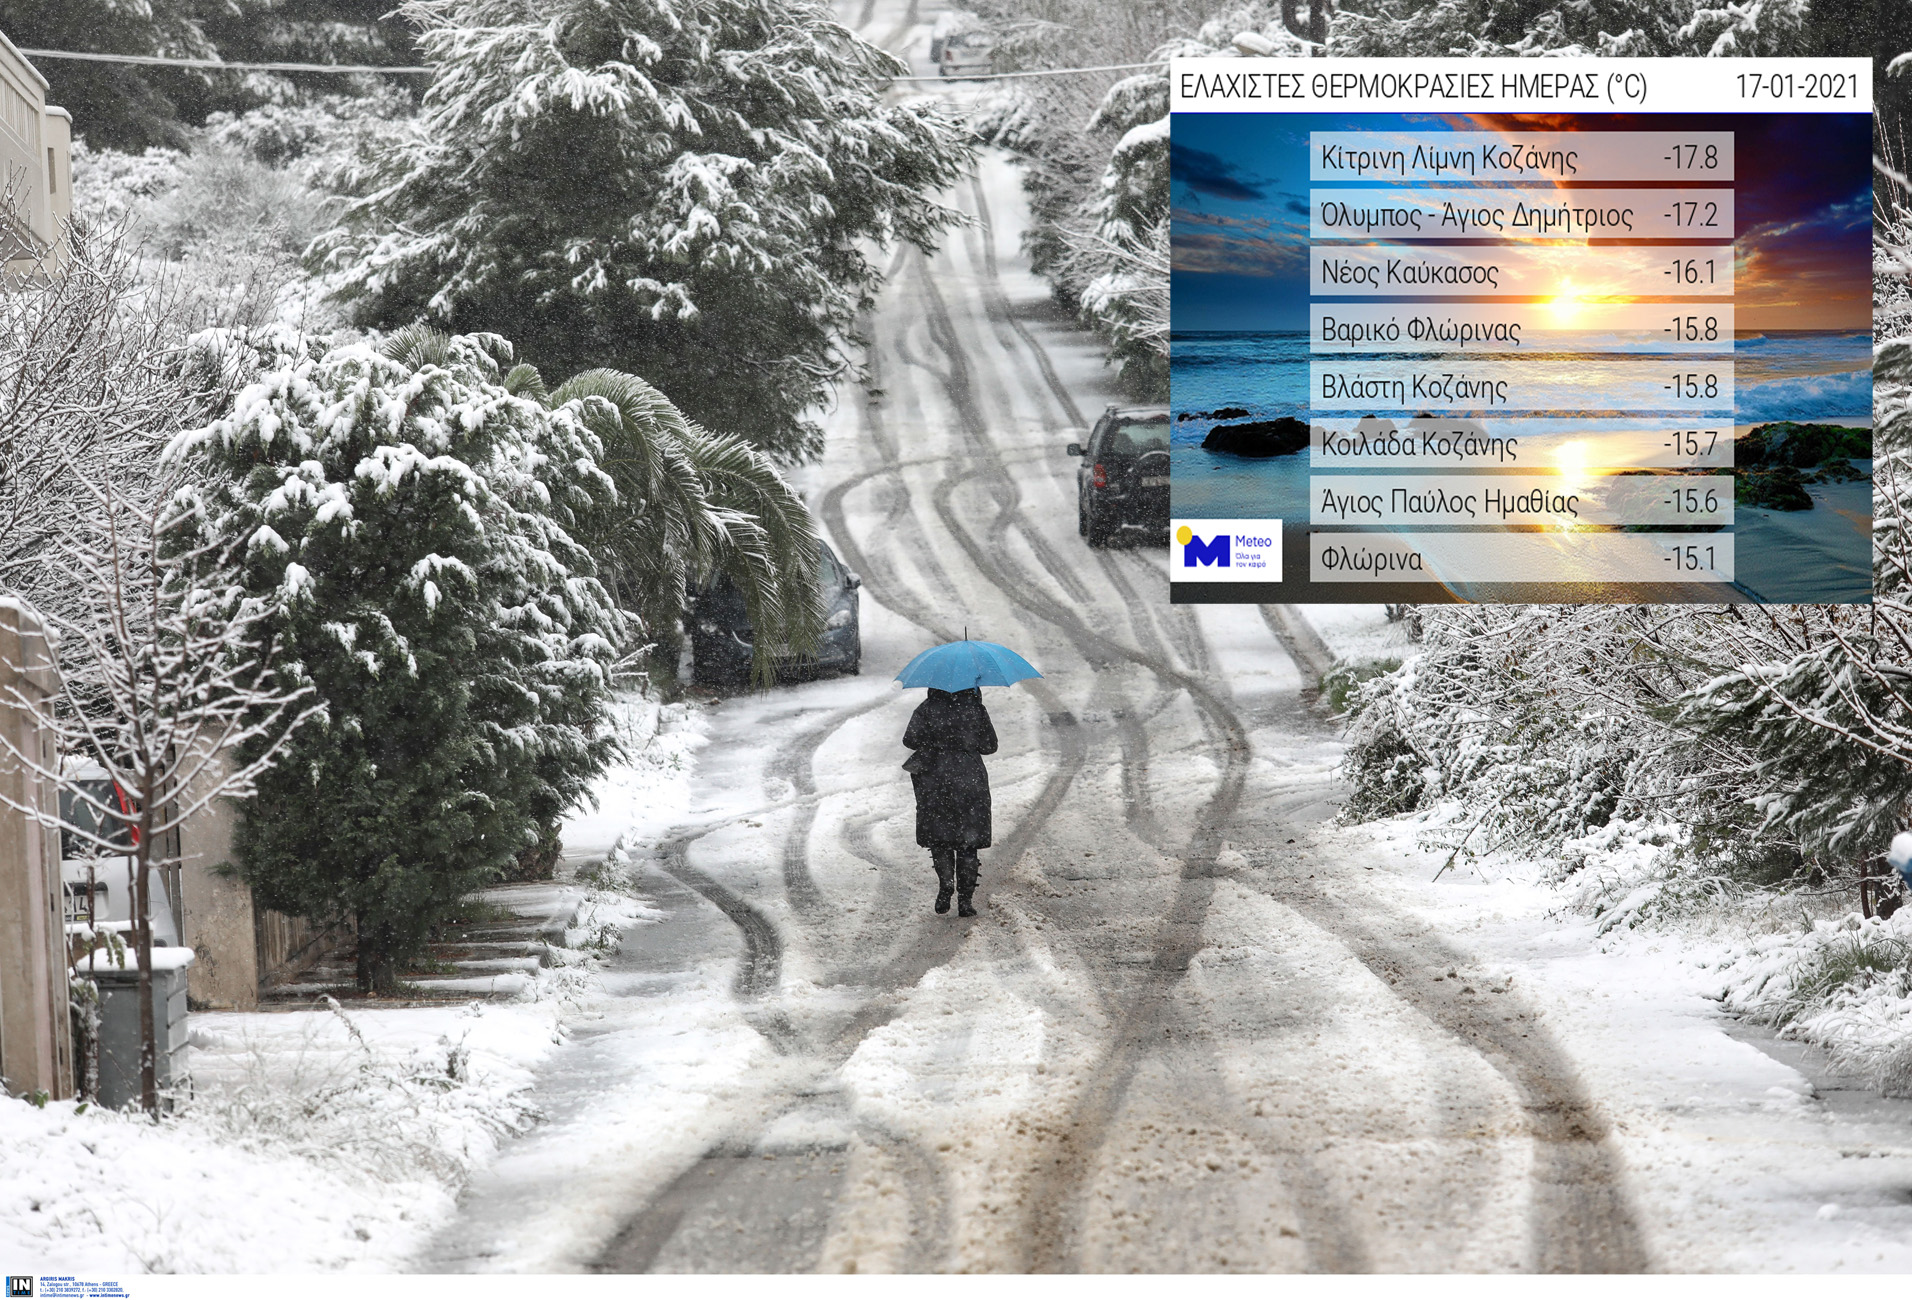 Καιρός – meteo: Δριμύ ψύχος σε όλη τη χώρα – Που έφτασε η θερμοκρασία τους -18